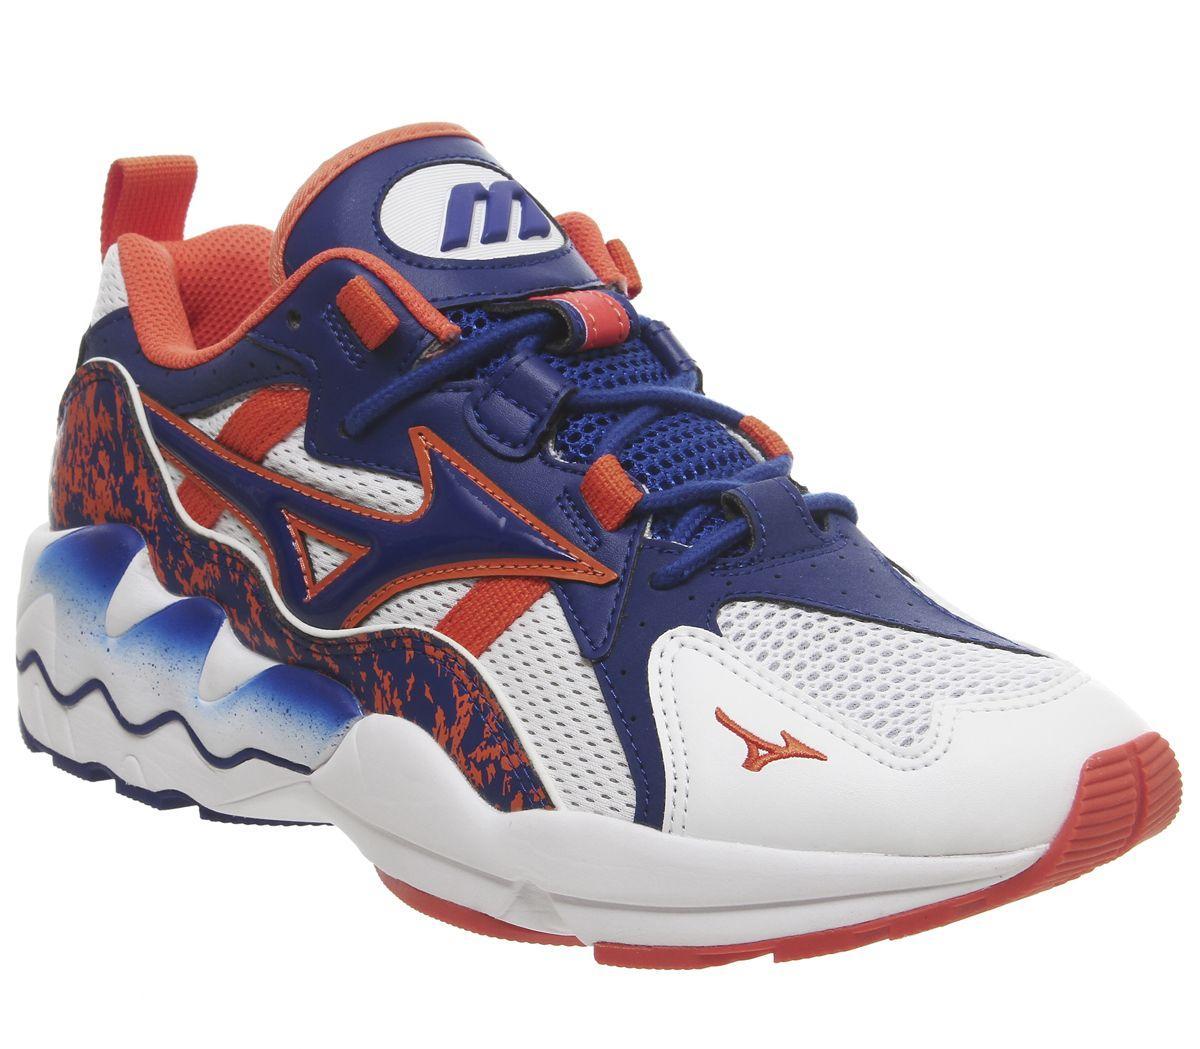 promo code 92a33 e3f6c Men's Blue Wave Rider Sneakers